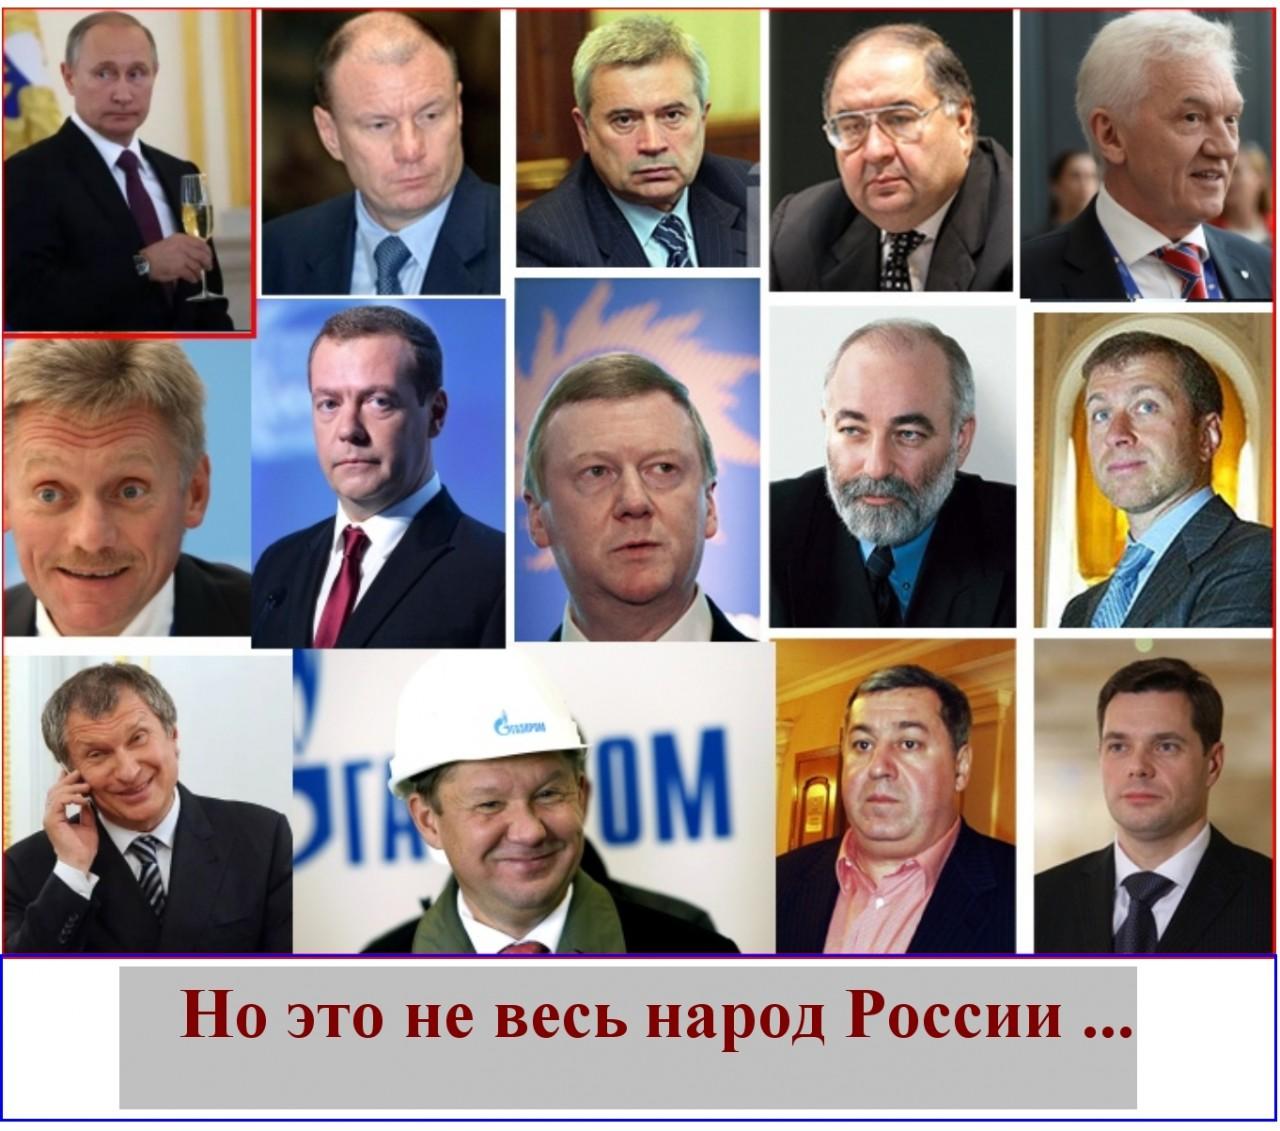 Письмо В.В. Путину с просьбой участвовать в полноценных теледебатах.